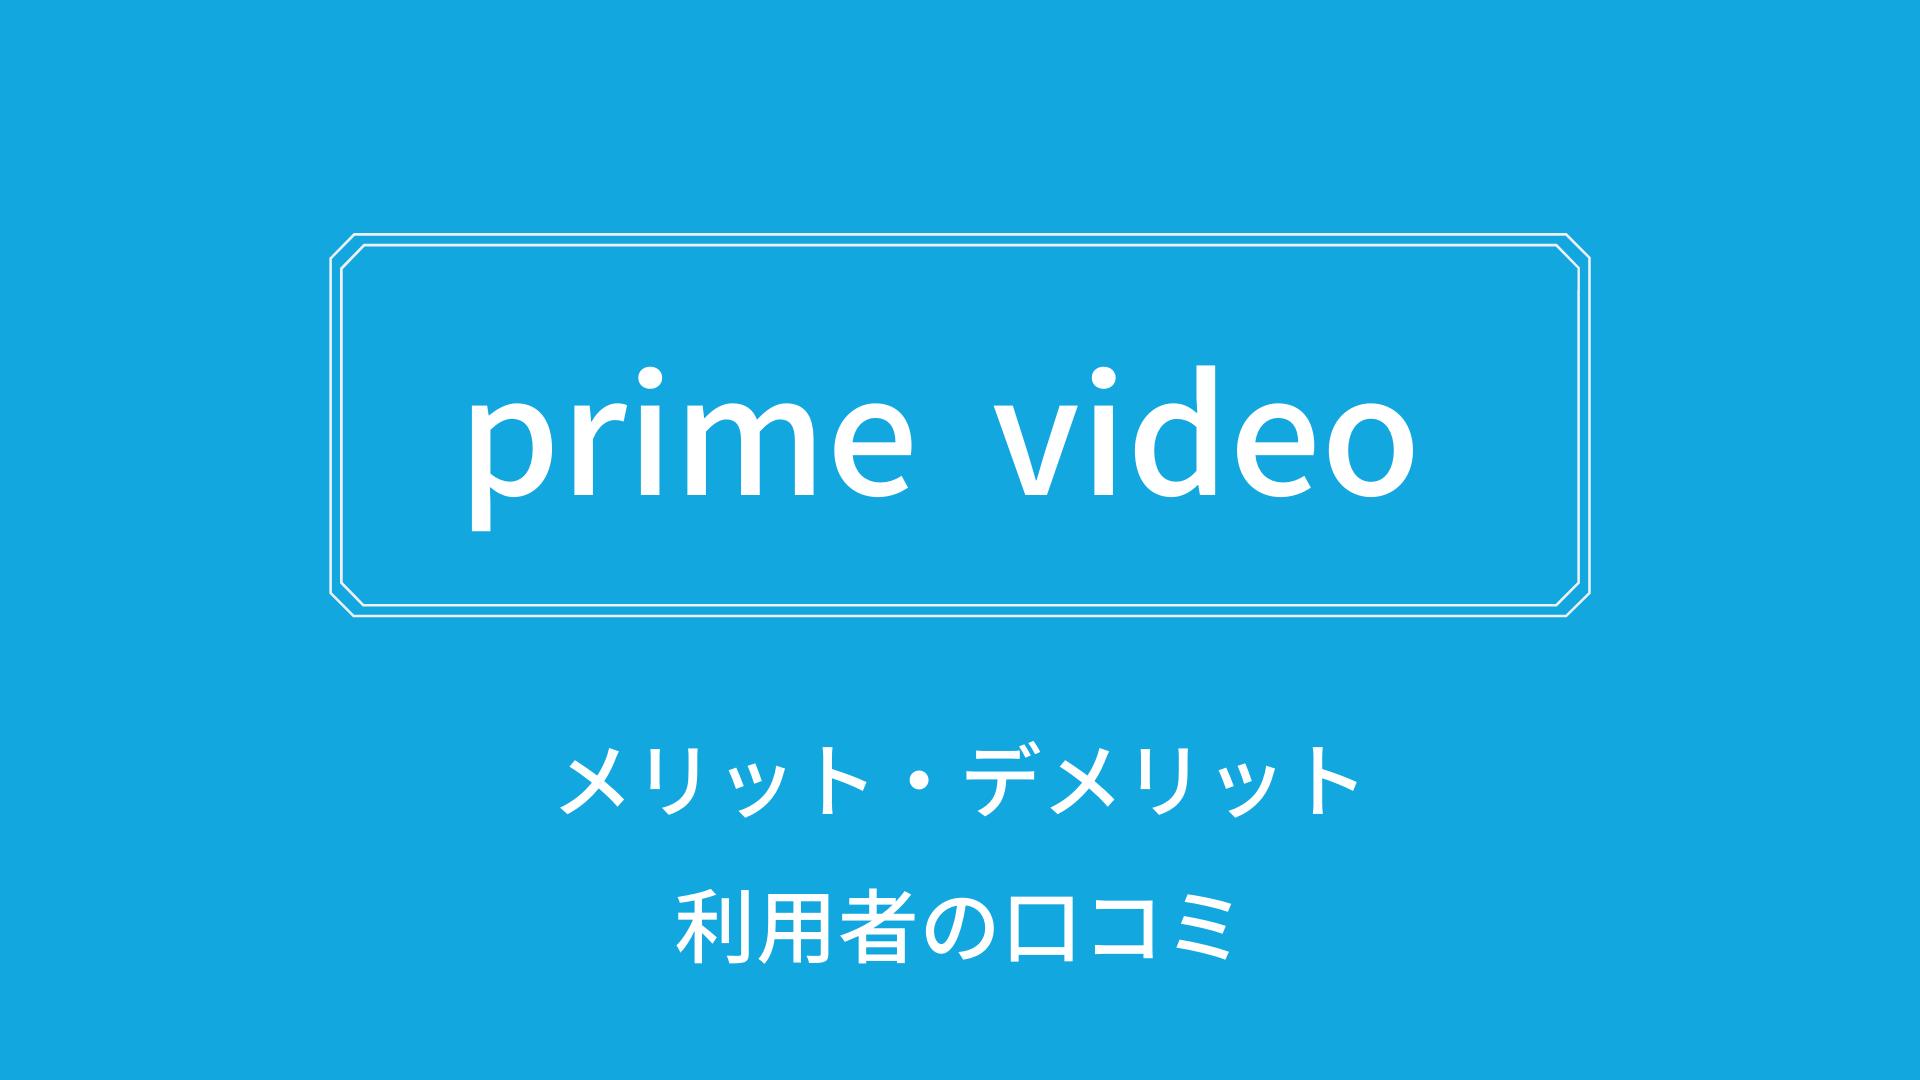 Amazonプライムビデオのメリット・デメリット、料金や評判を解説!